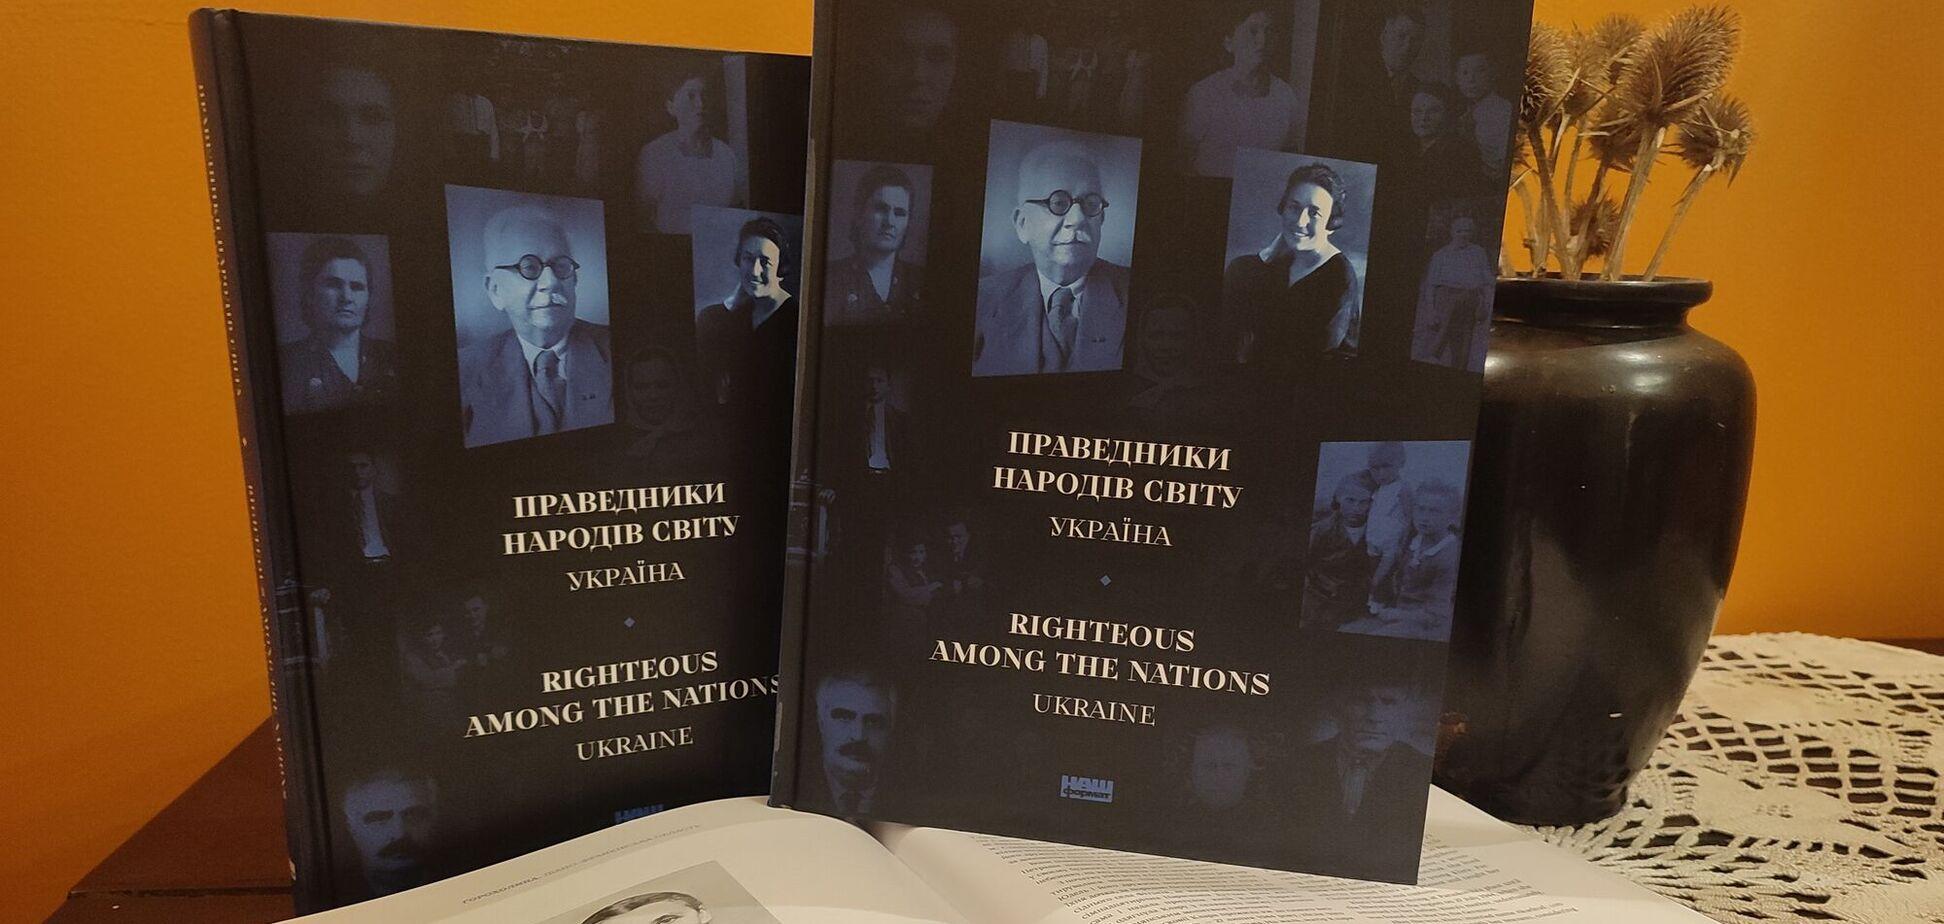 Вийшла книга про 2,5 тисячі 'Праведників народів світу' – українців, які рятували євреїв за часів Голокосту